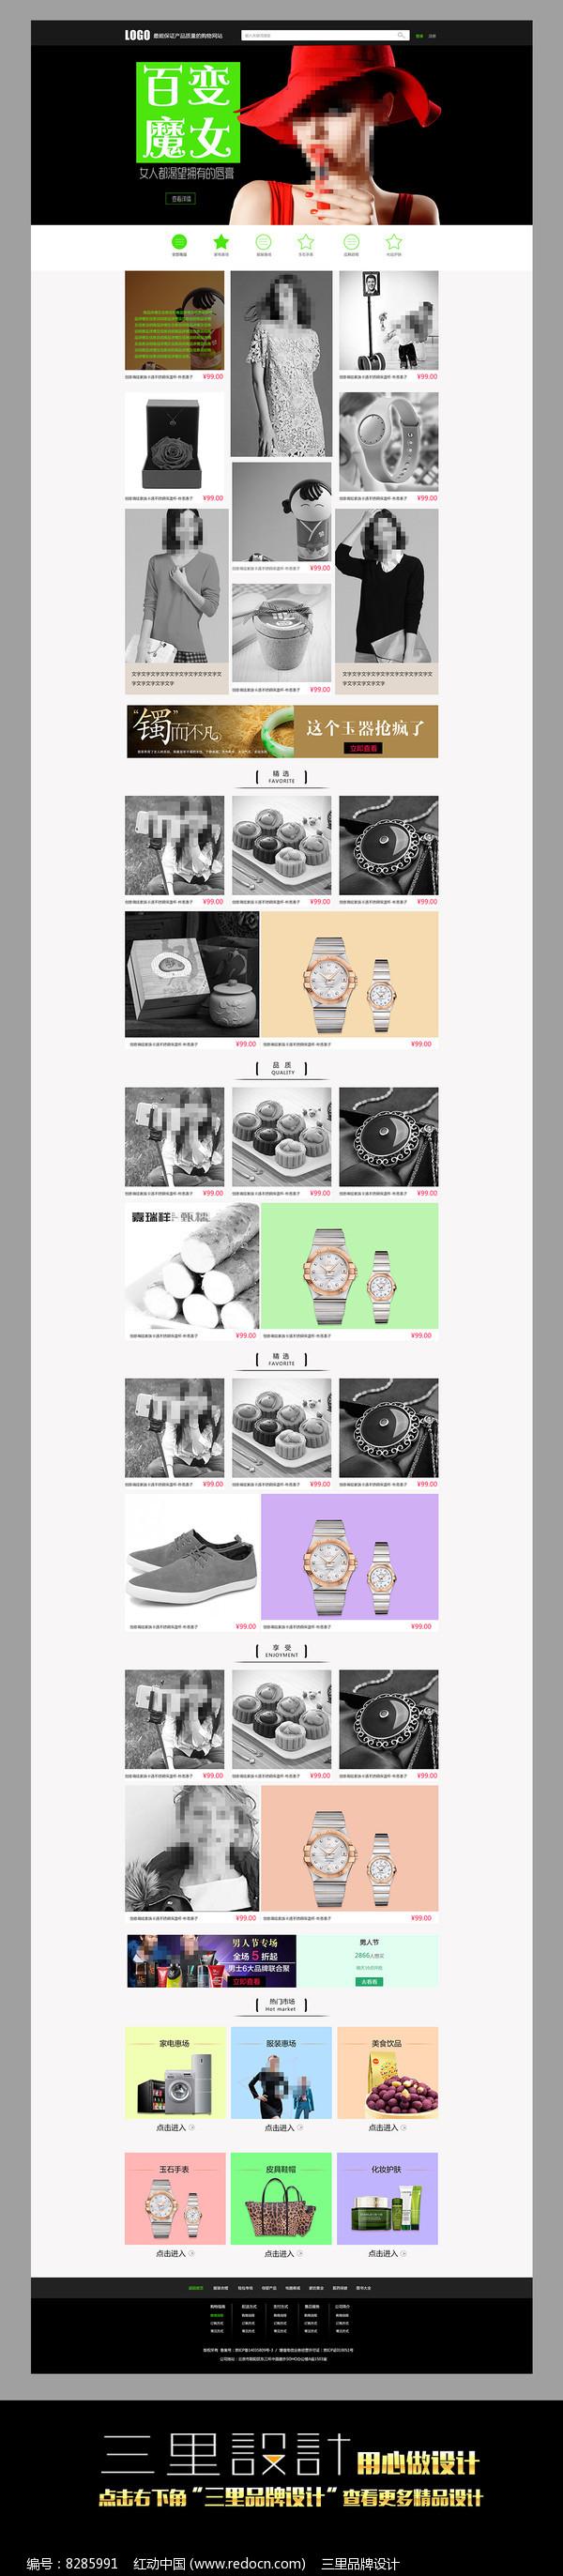 商城网页首页模板设计图片